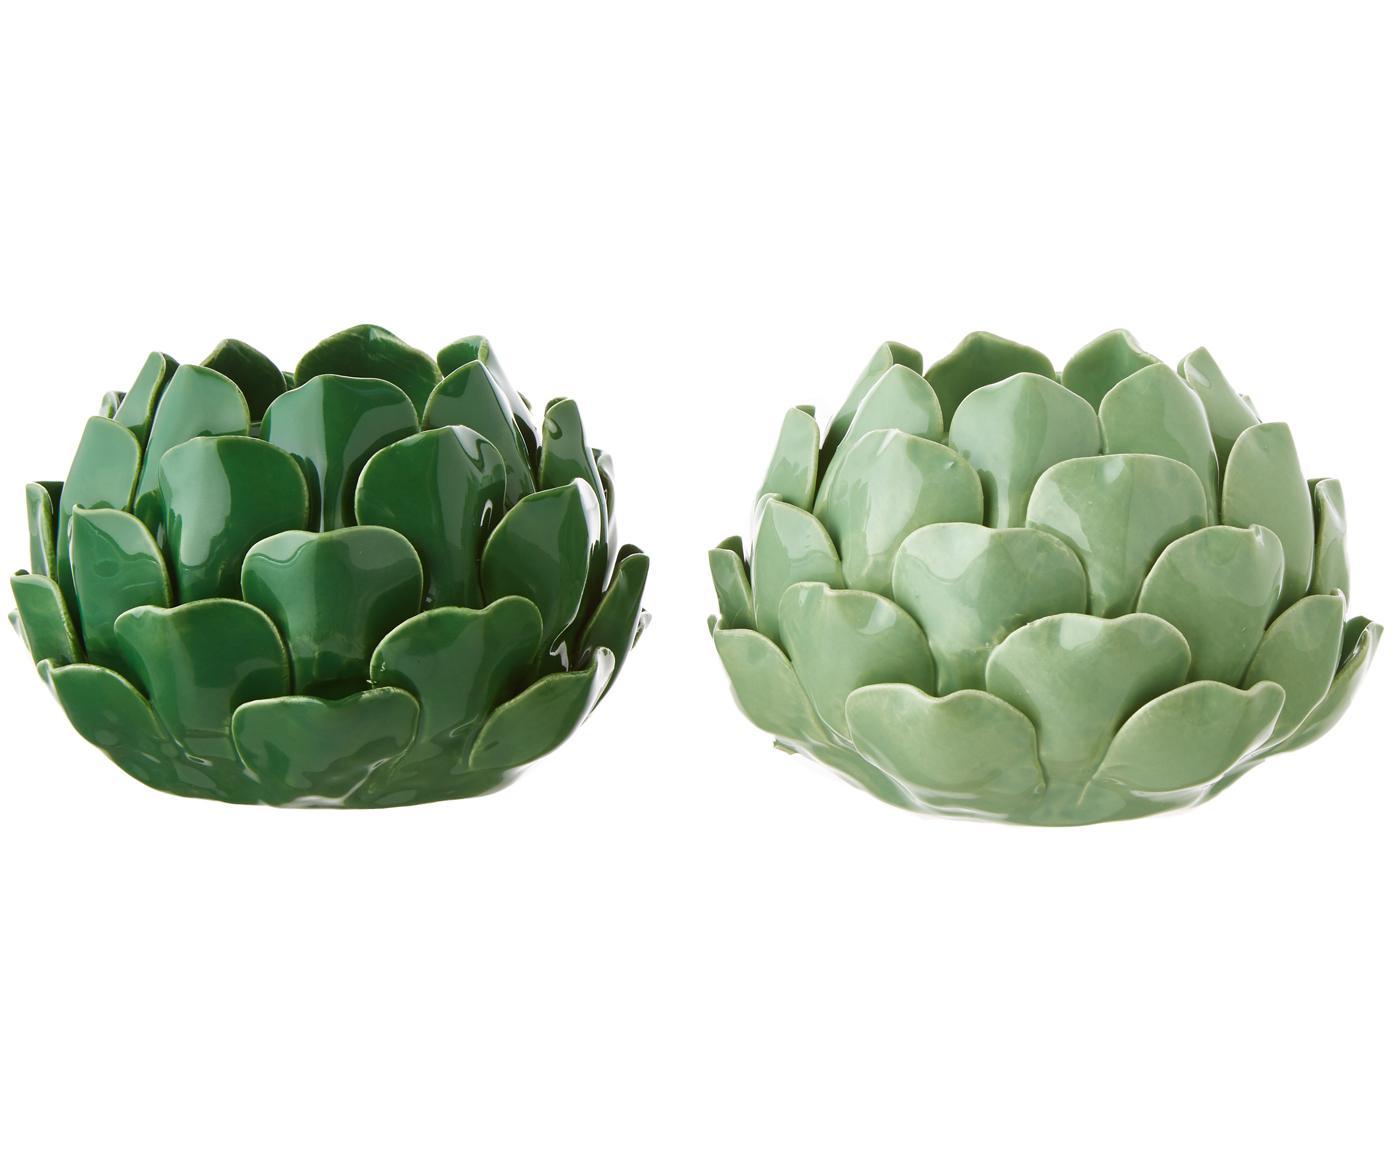 Teelichthalter-Set Rose, 2-tlg., Steingut, Hellgrün, Dunkelgrün, Ø 14 x H 9 cm